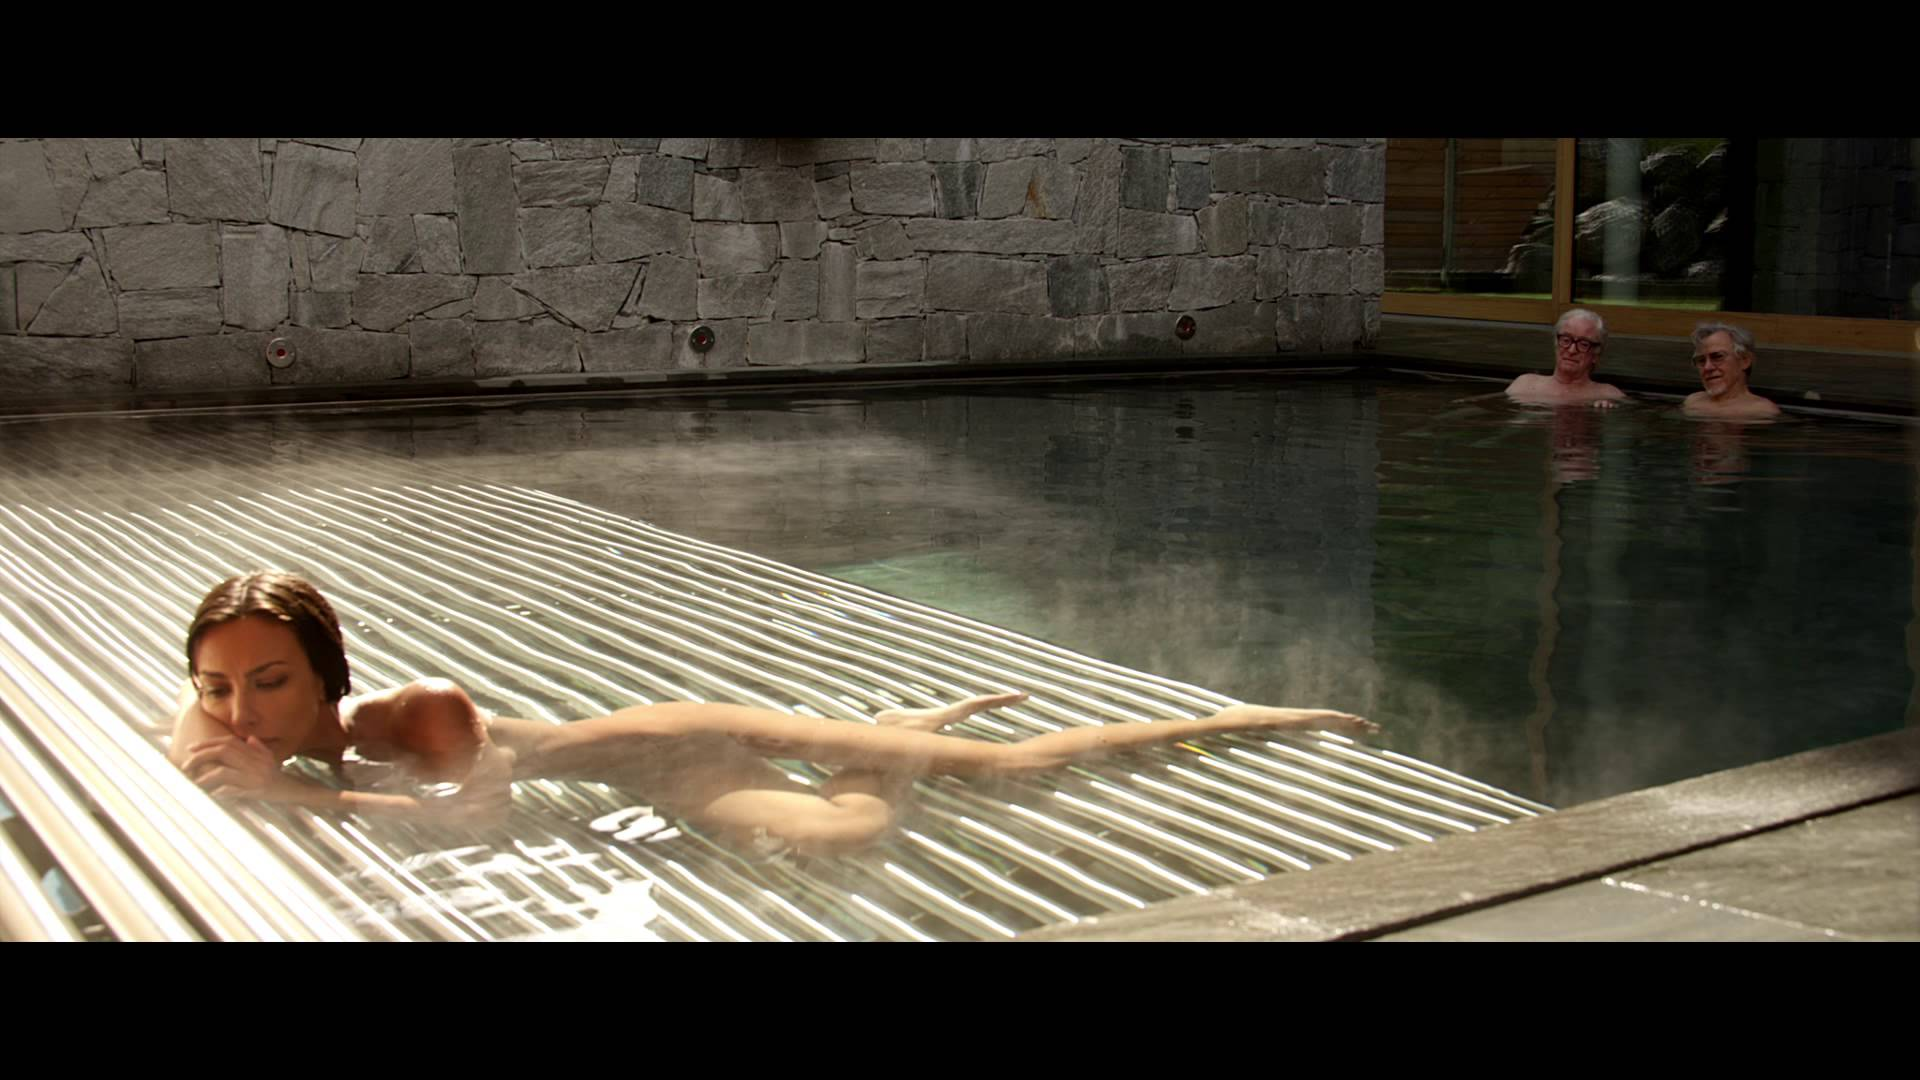 Youth - La giovinezza: il teaser del film di Paolo Sorrentino